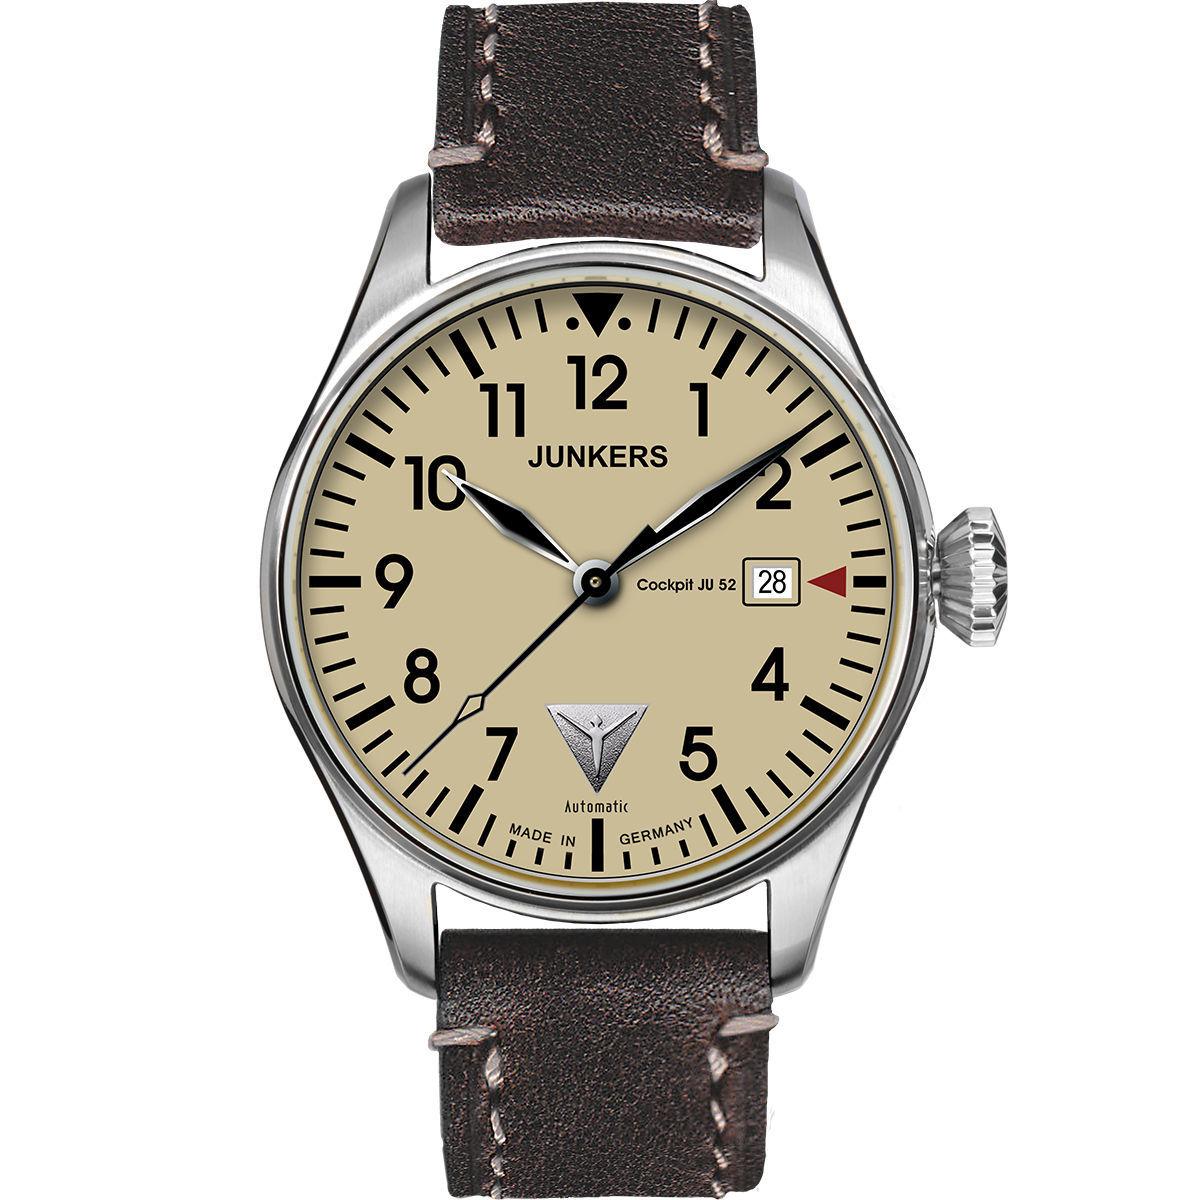 Junkers + Zeppelin Uhren bei Karstadt mit 20% z.B. Junkers JU52 Automatik